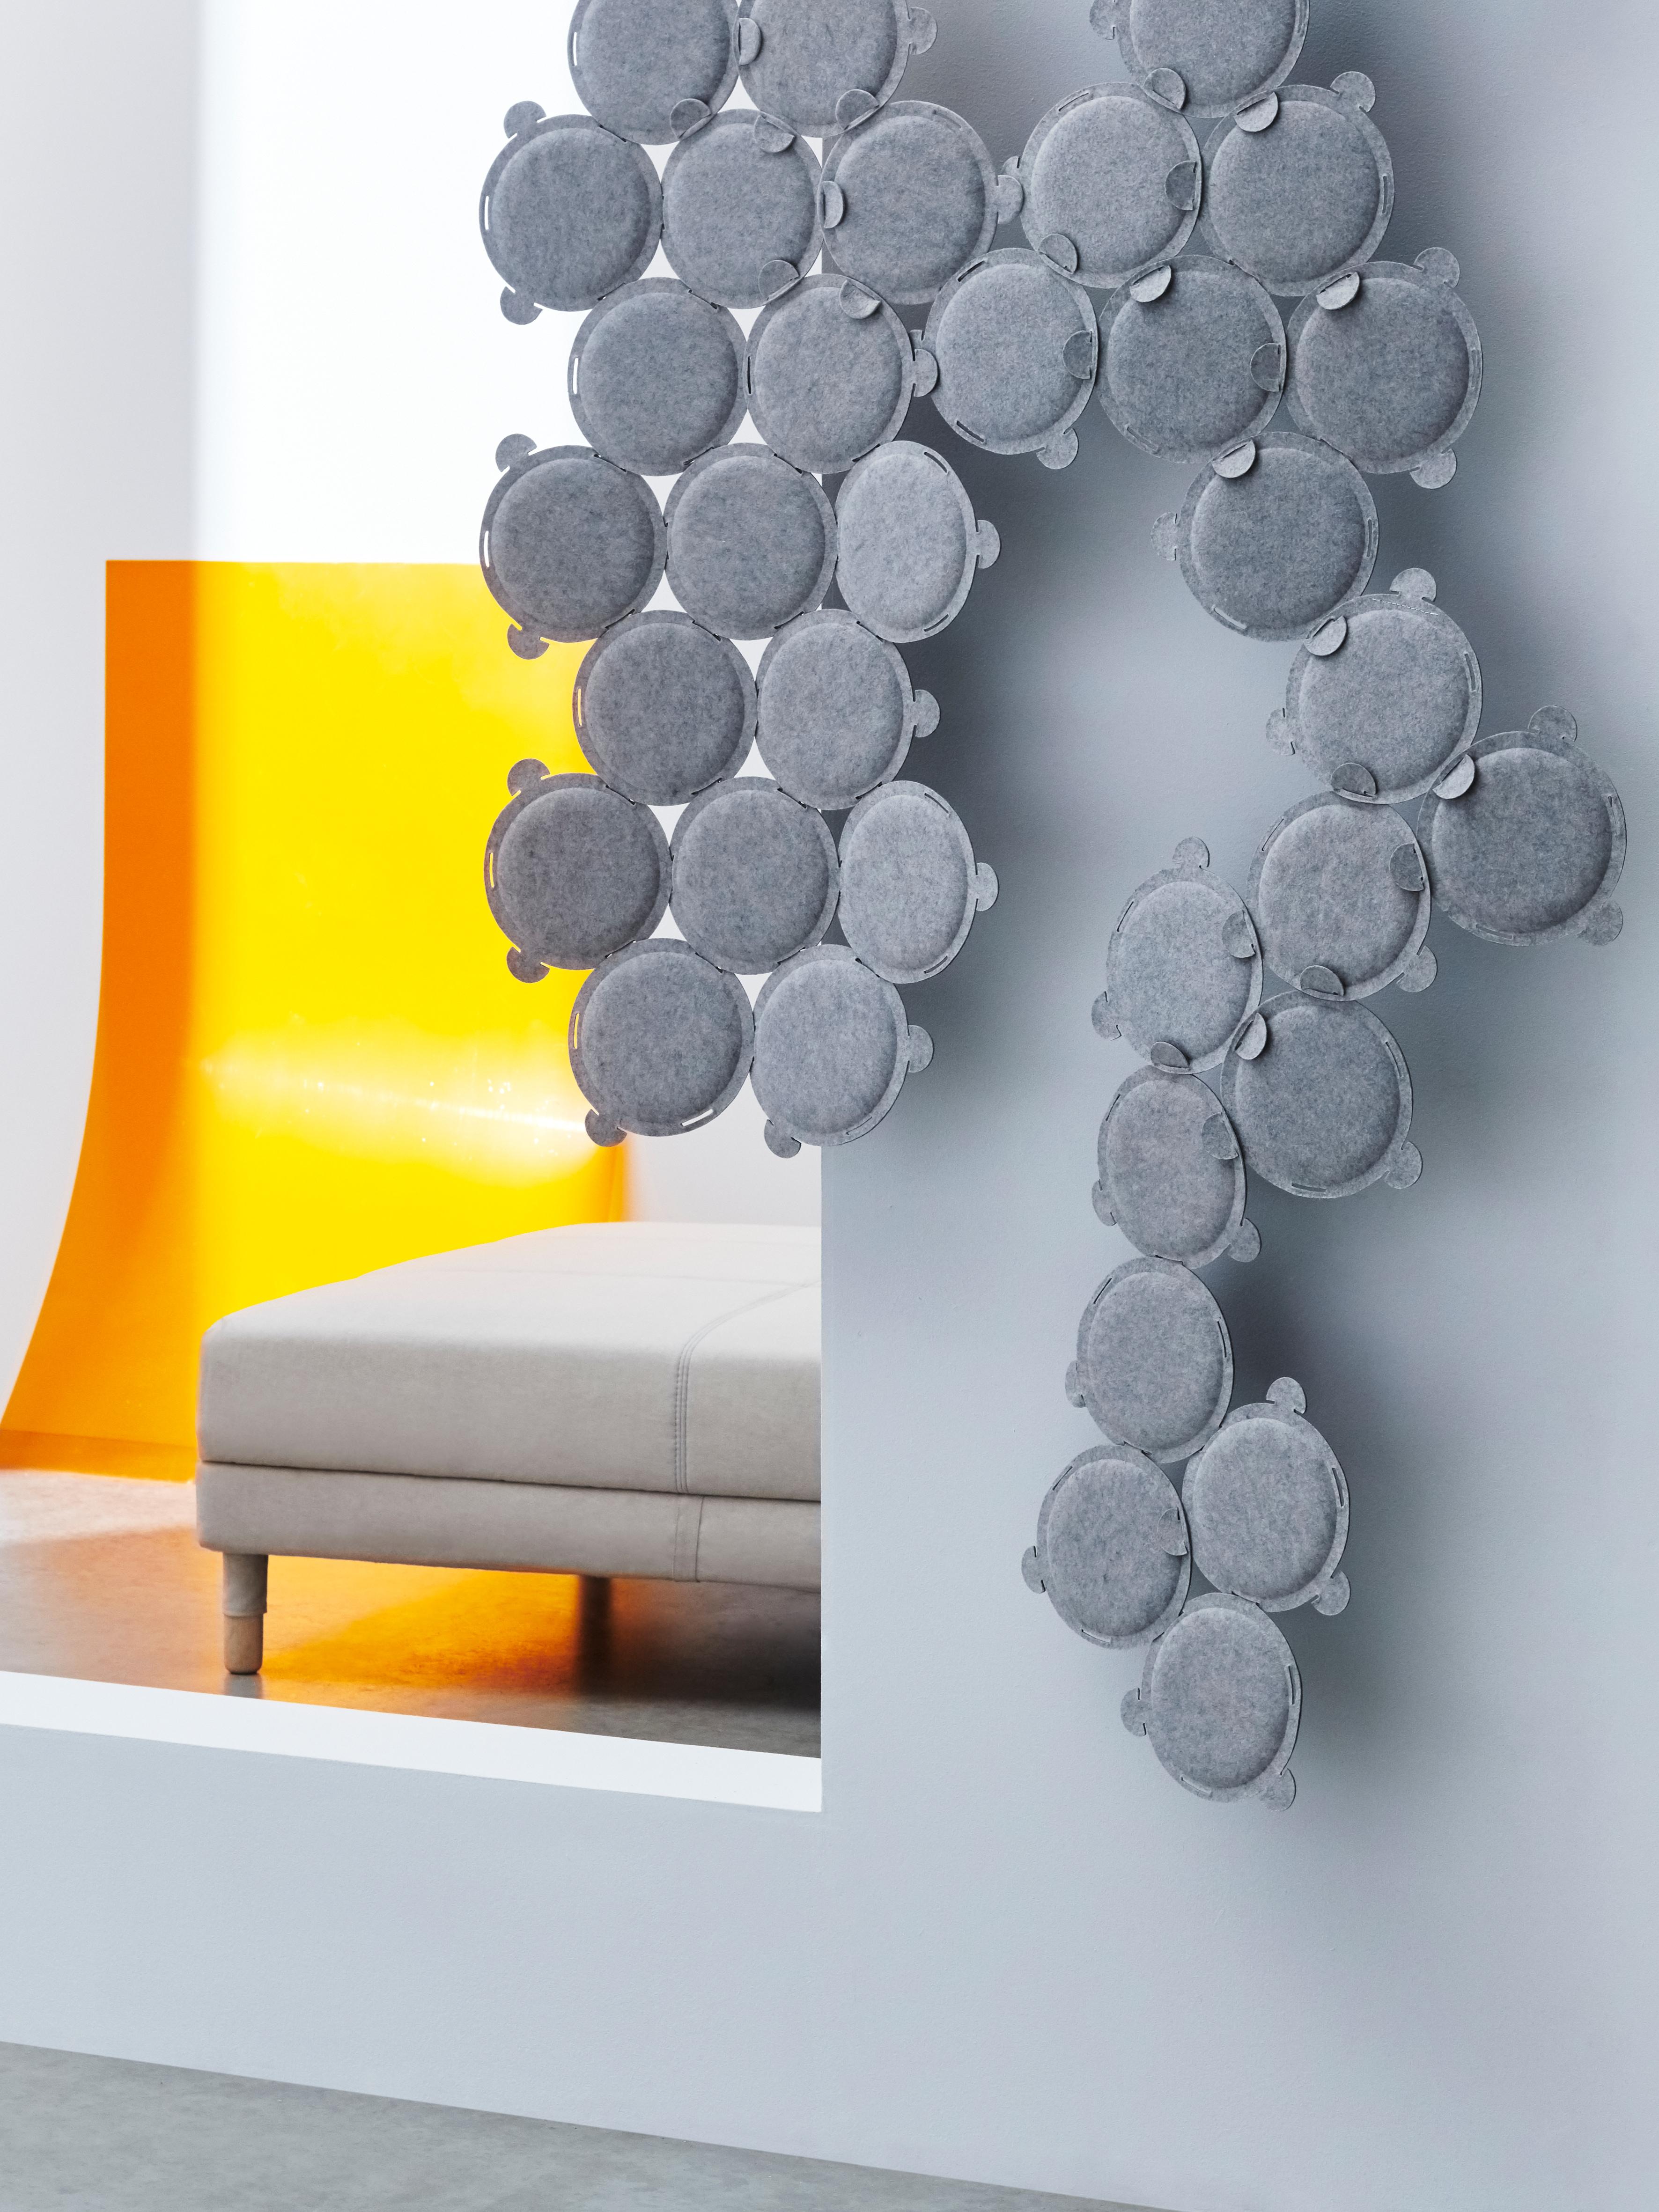 panneaux-acoustiques-ODDLAUG-gris